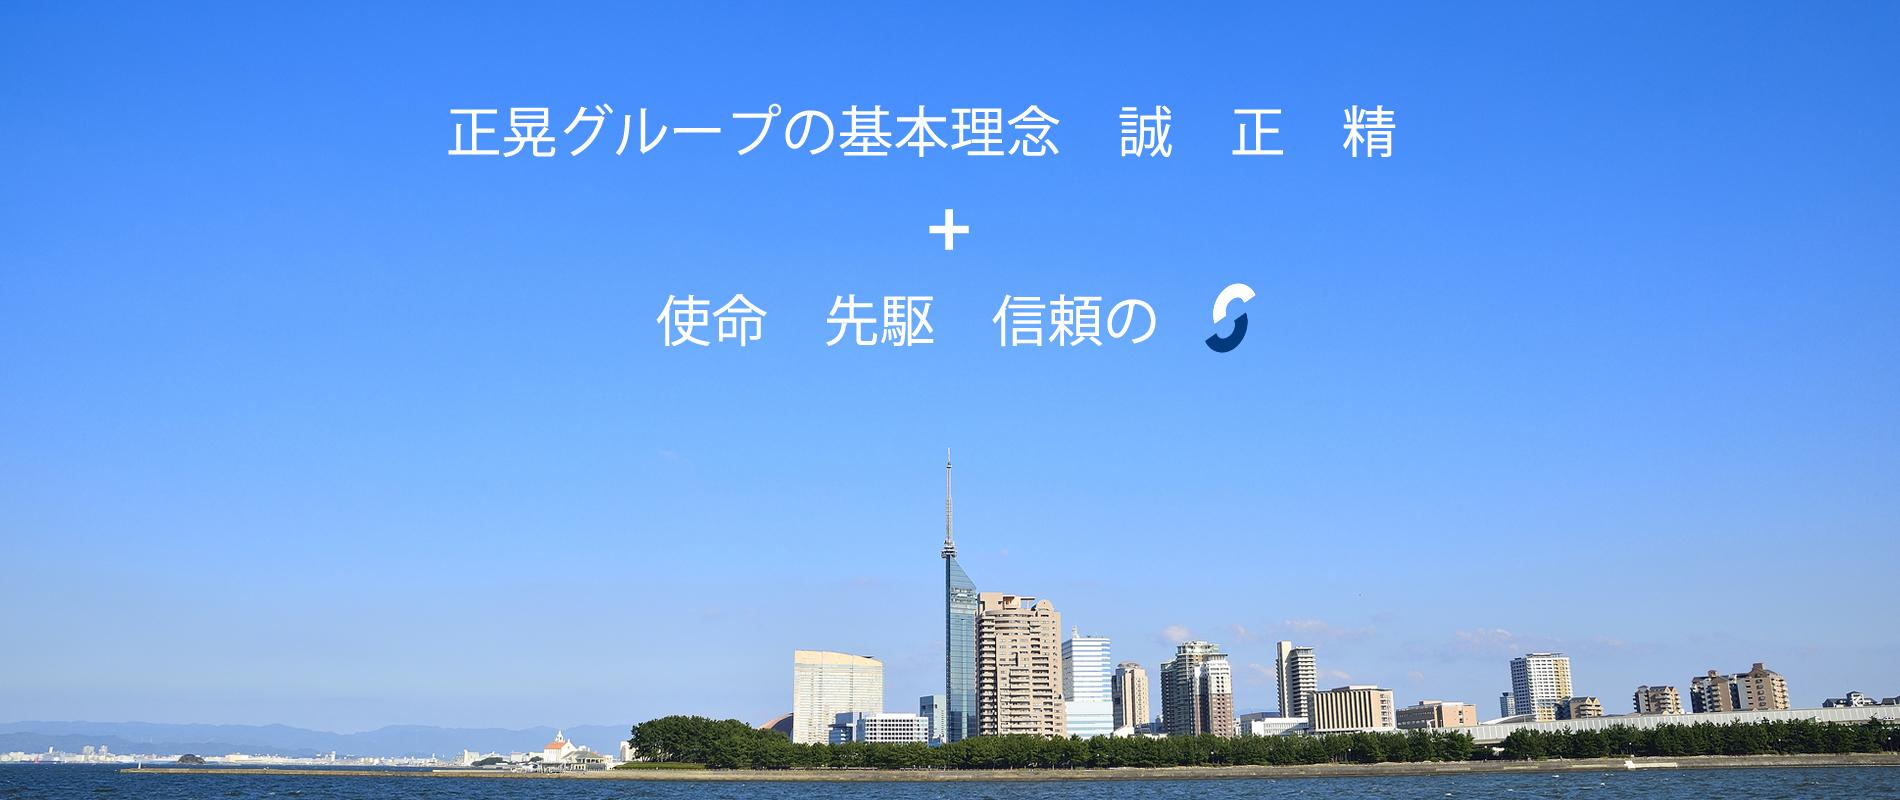 正晃テックトップページ画像